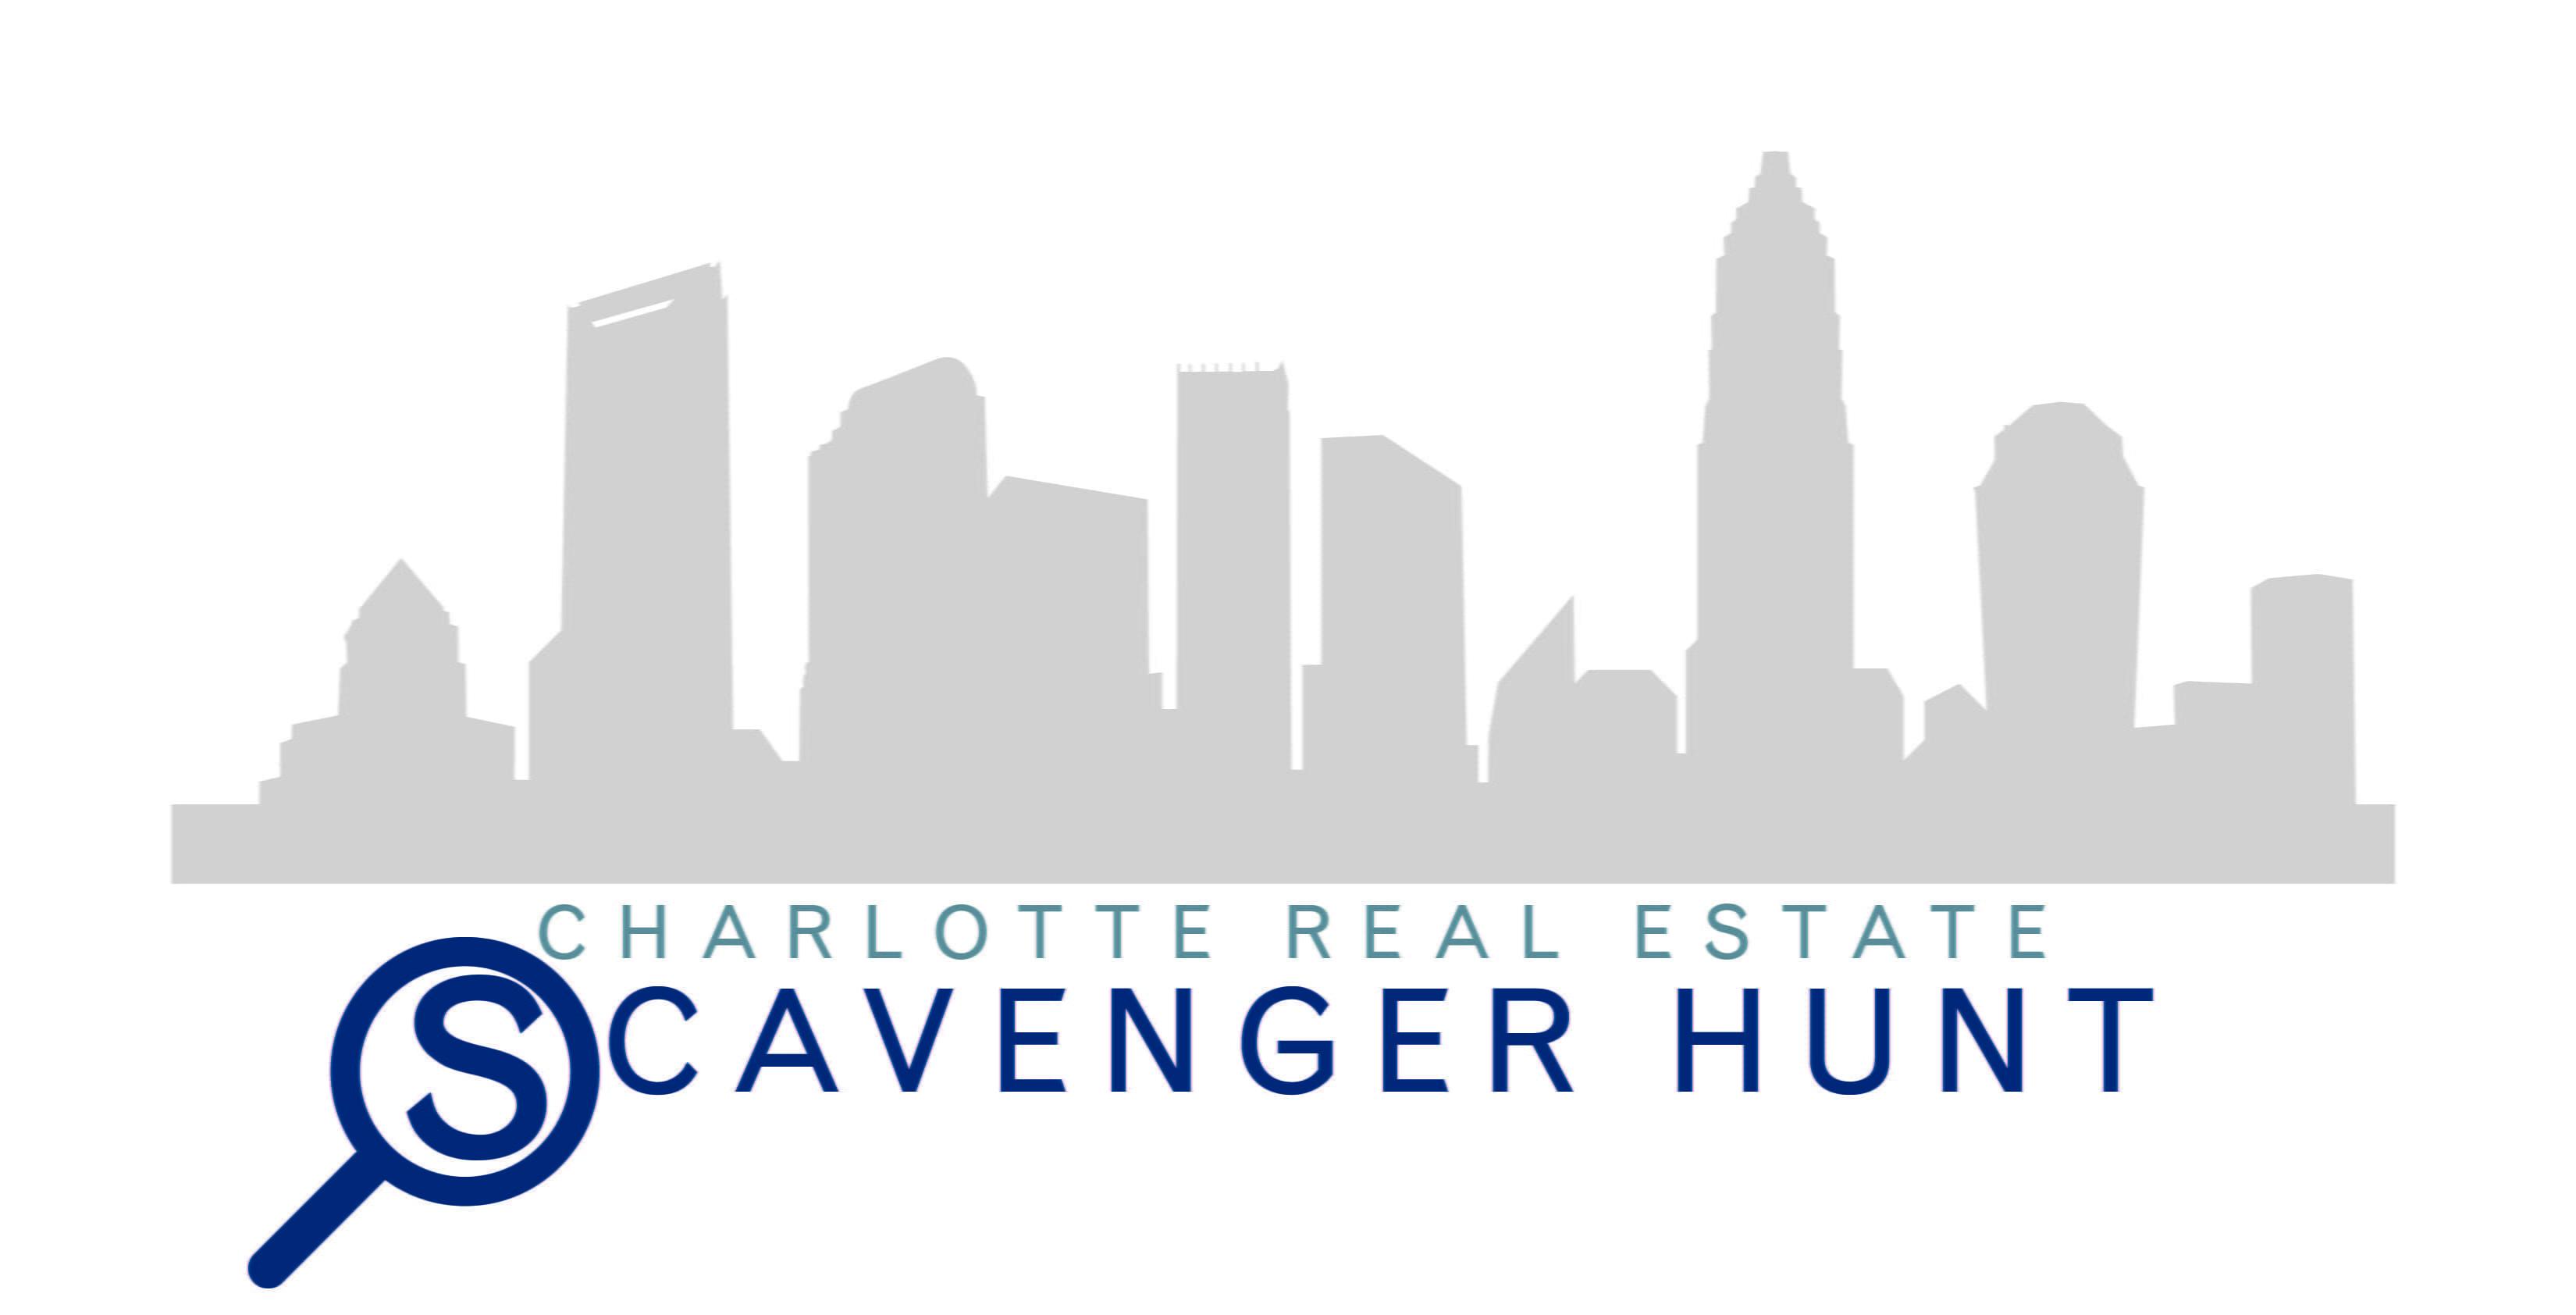 Charlotte-Real-Estate-Scavenger-Hunt